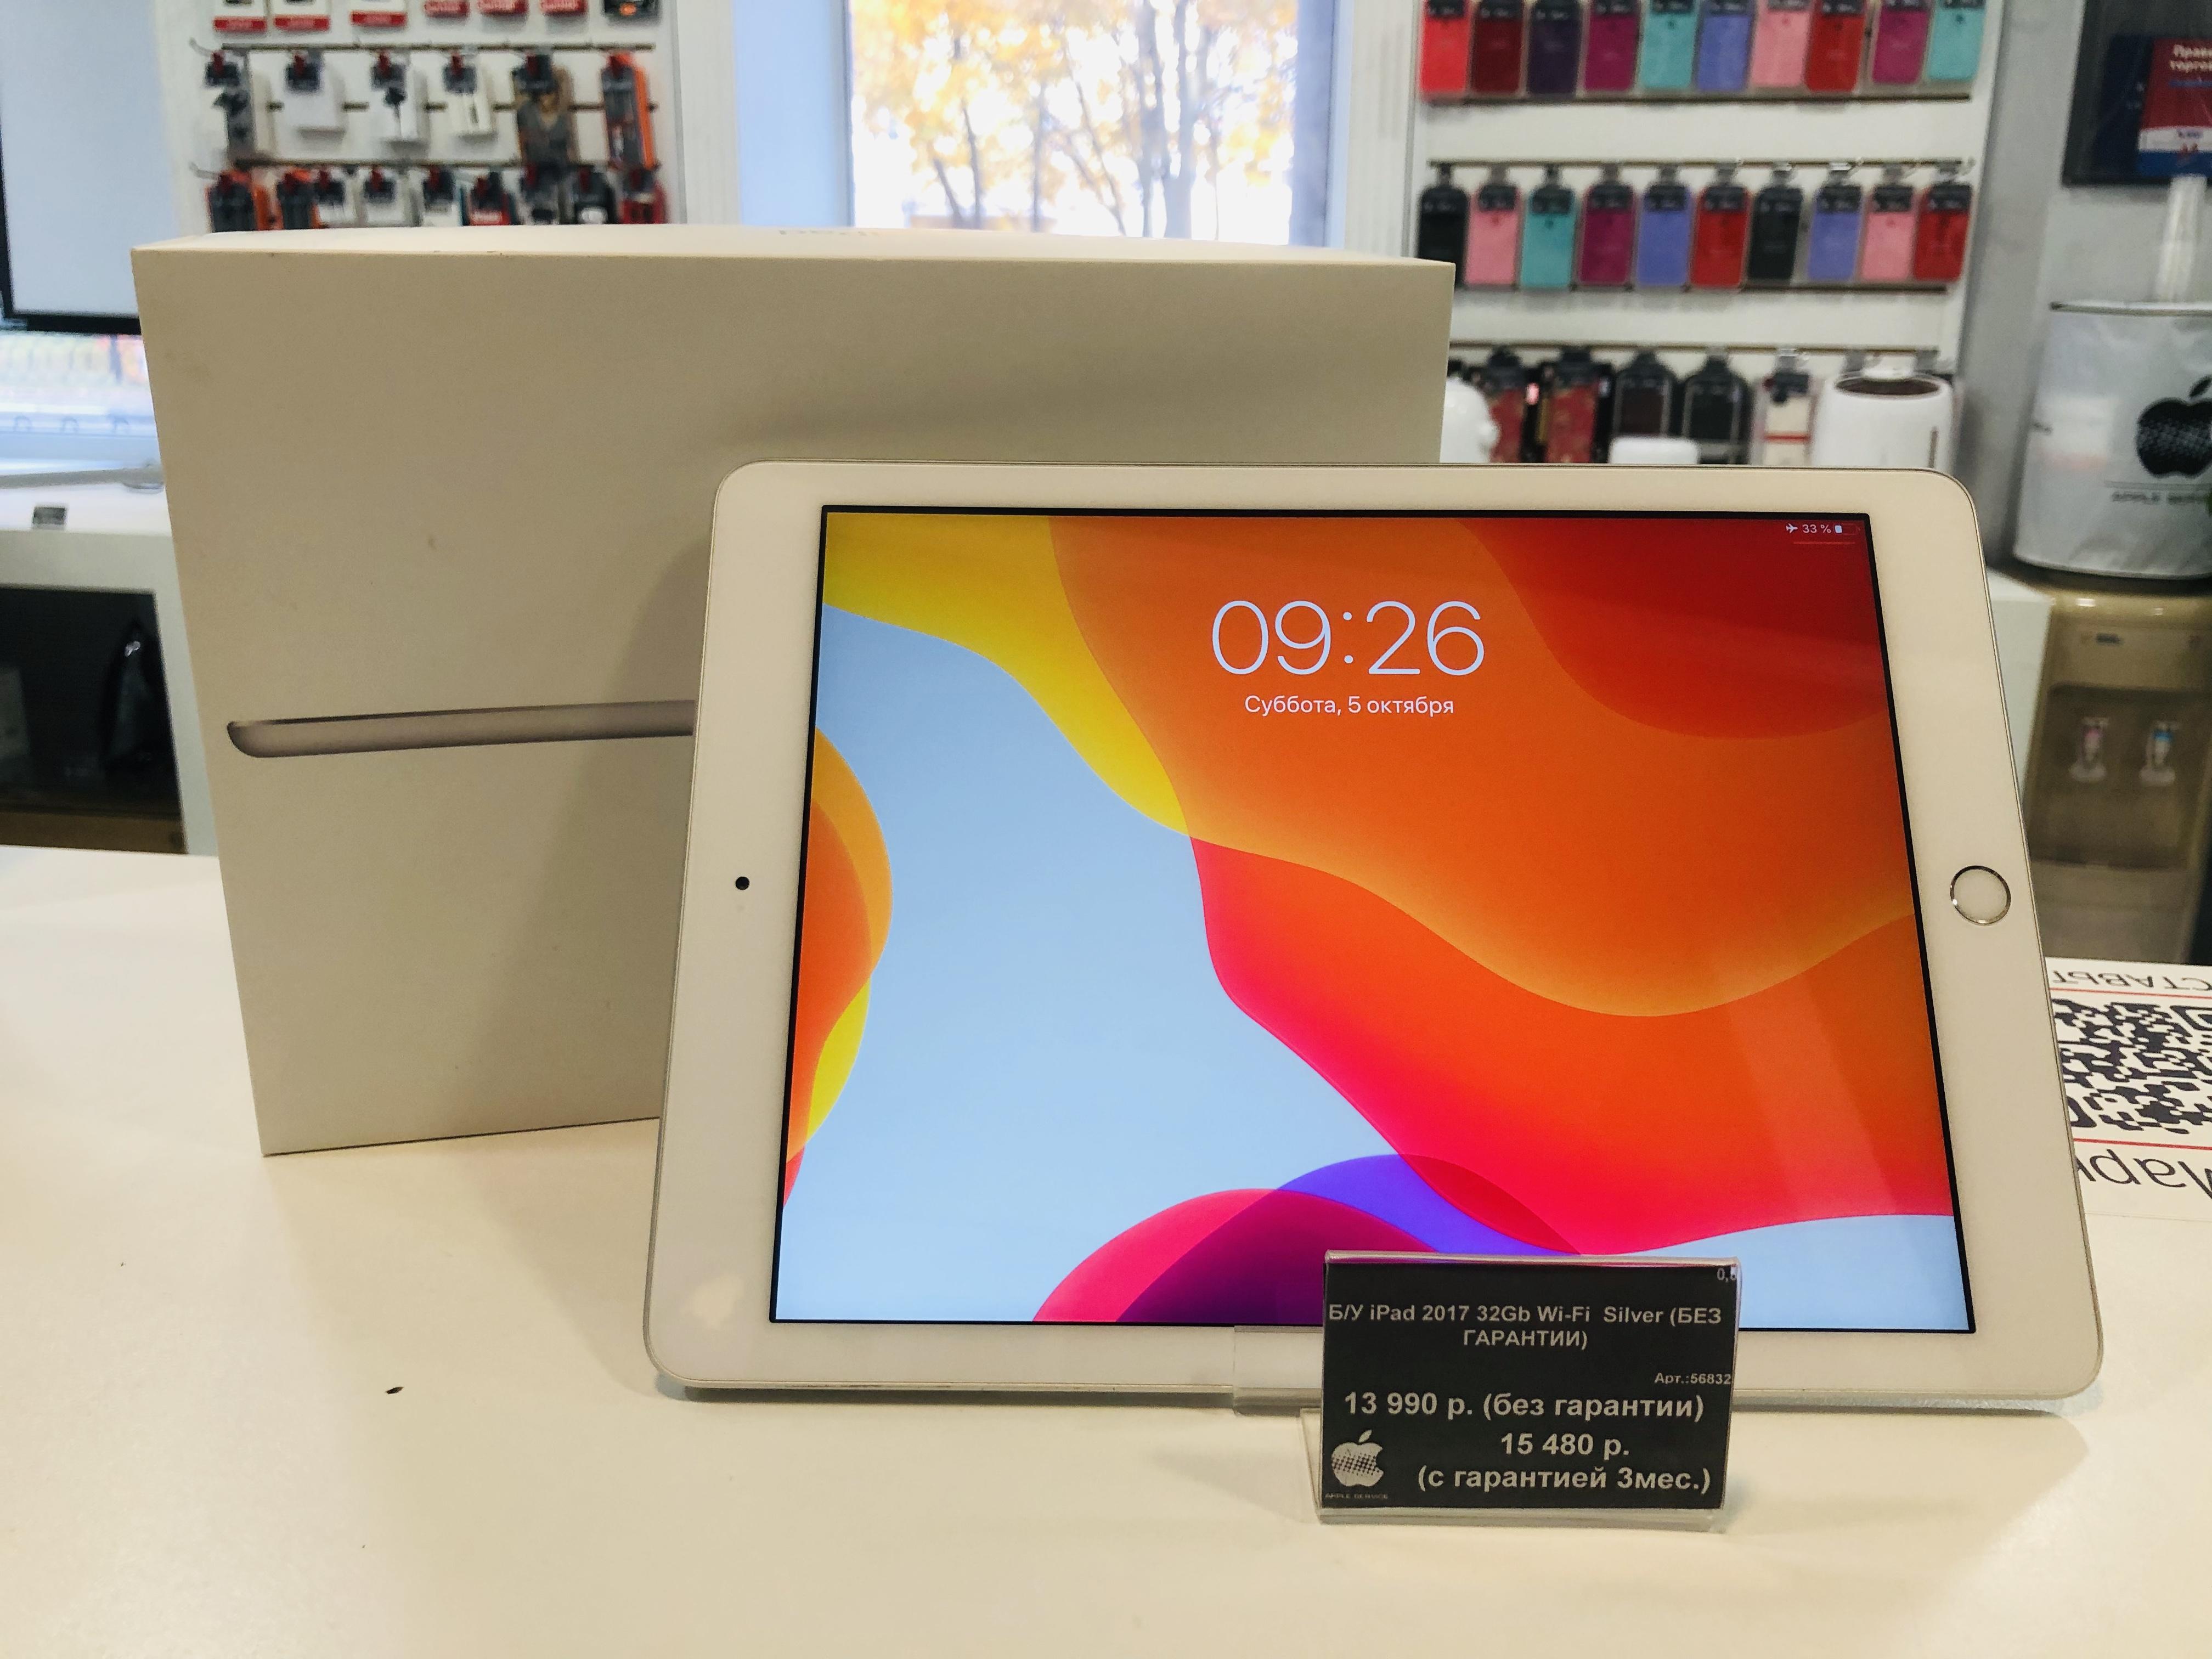 Б/У iPad 2017 32Gb Wi-Fi  Silver